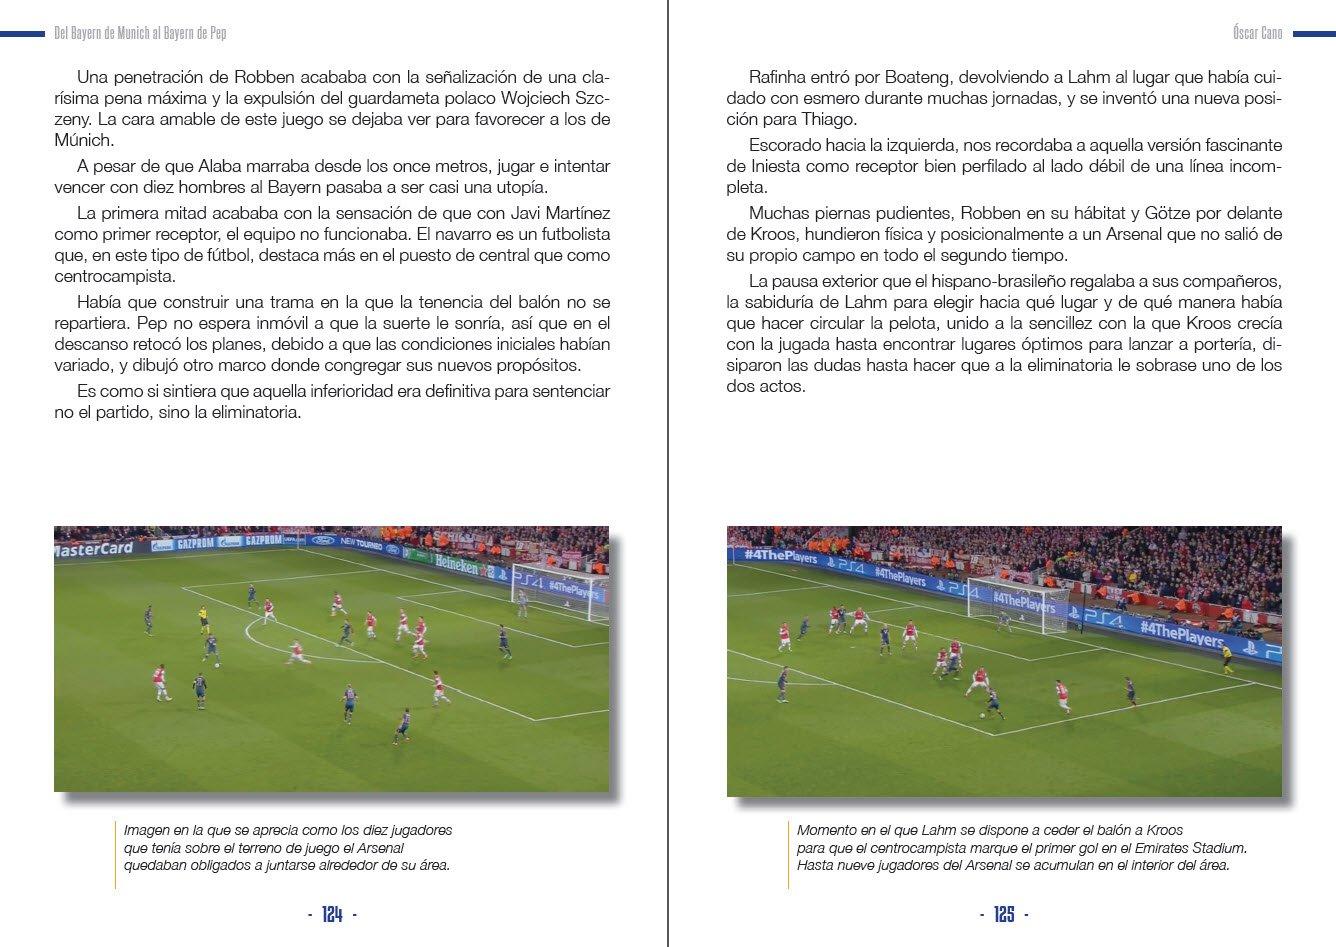 DEL BAYERN DE MUNICH AL BAYERN DE PEP: Amazon.es: OSCAR CANO MORENO, FUTBOL-TACTICO Editorial: Libros